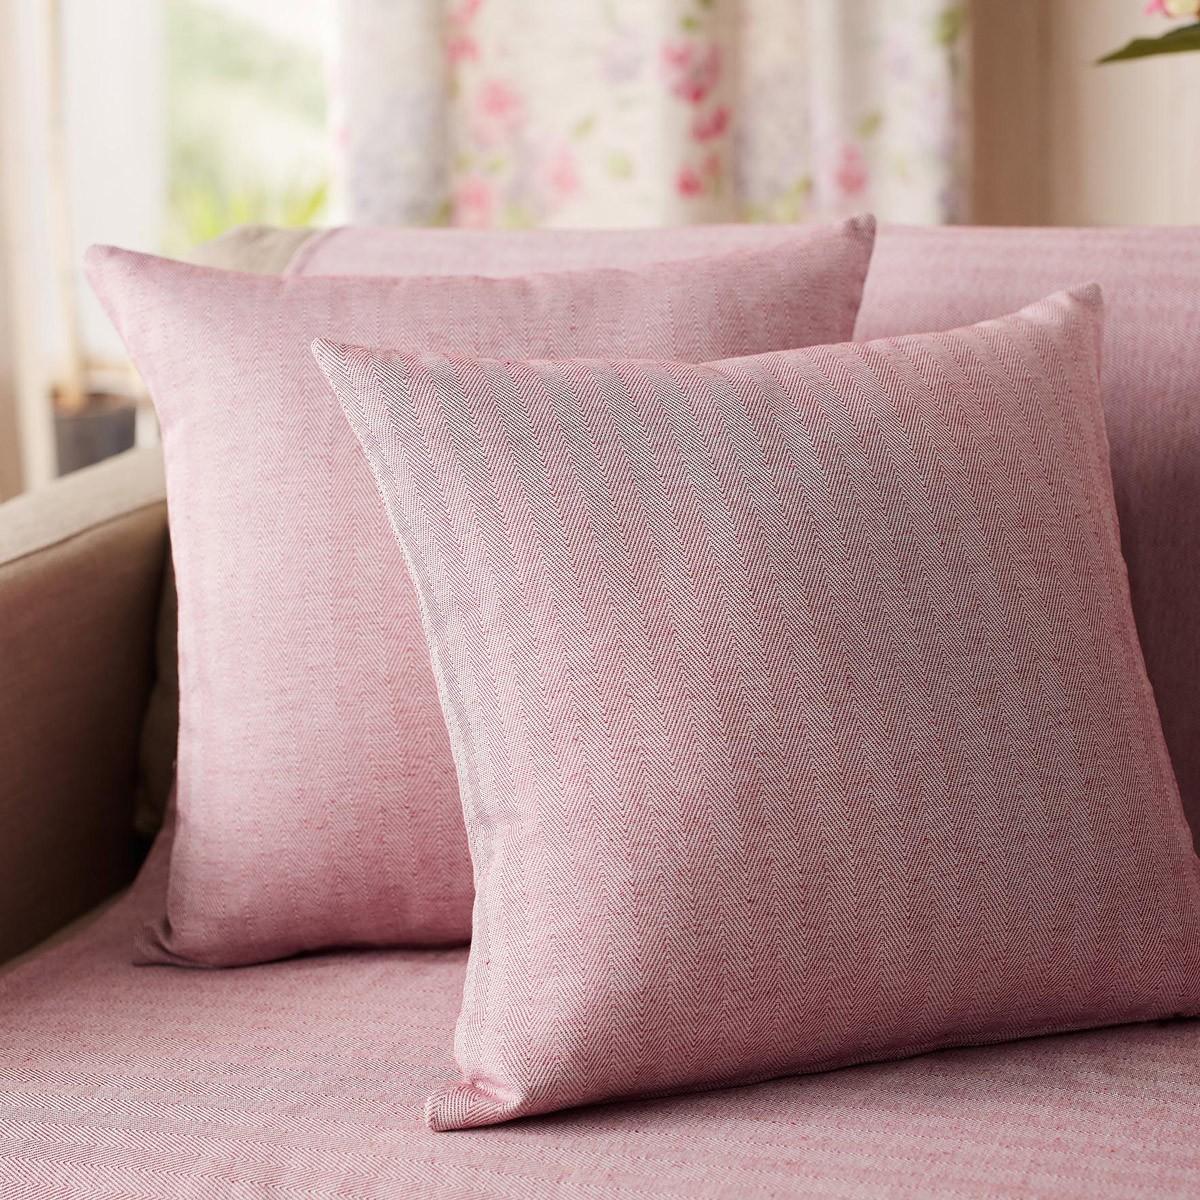 Διακοσμητική Μαξιλαροθήκη (50×50) Gofis Home Rene Pink 732/17